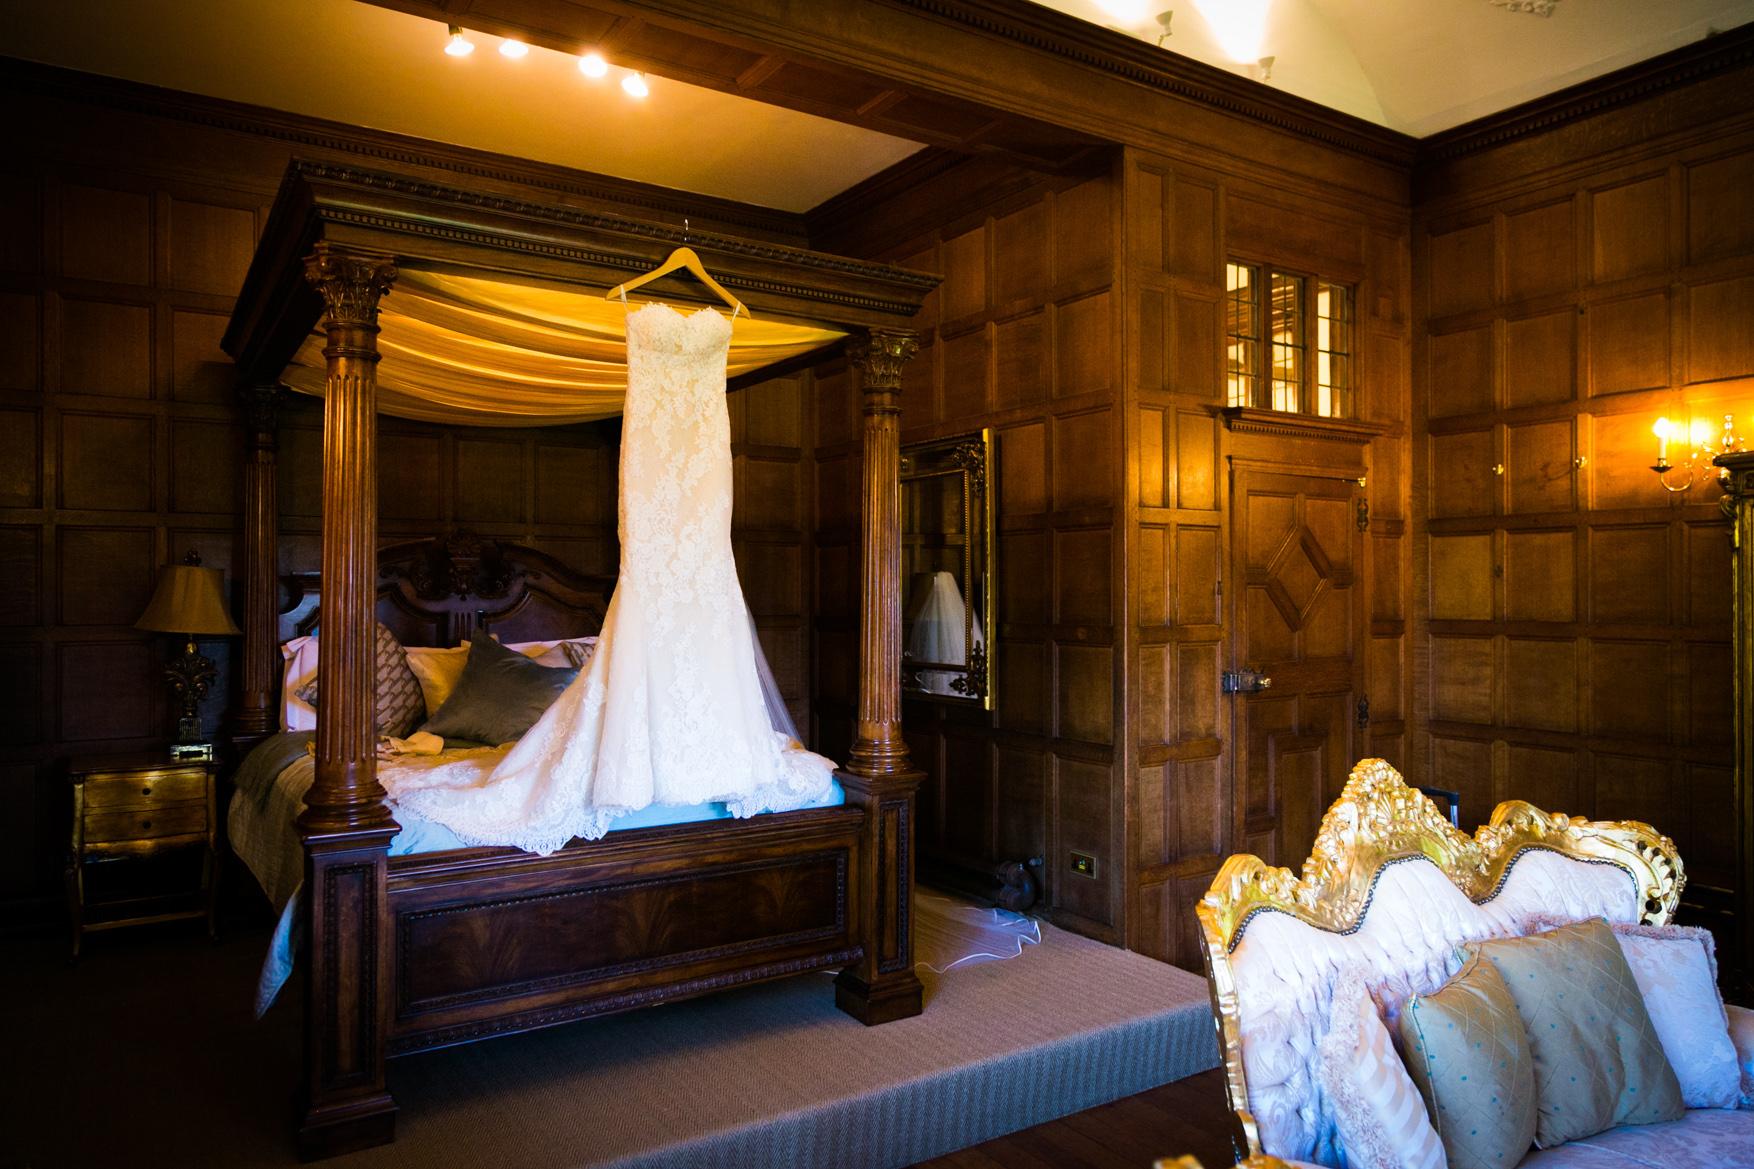 Professional Commercial/Wedding/Portrait Photographer www.barneywarnerphotography.co.uk